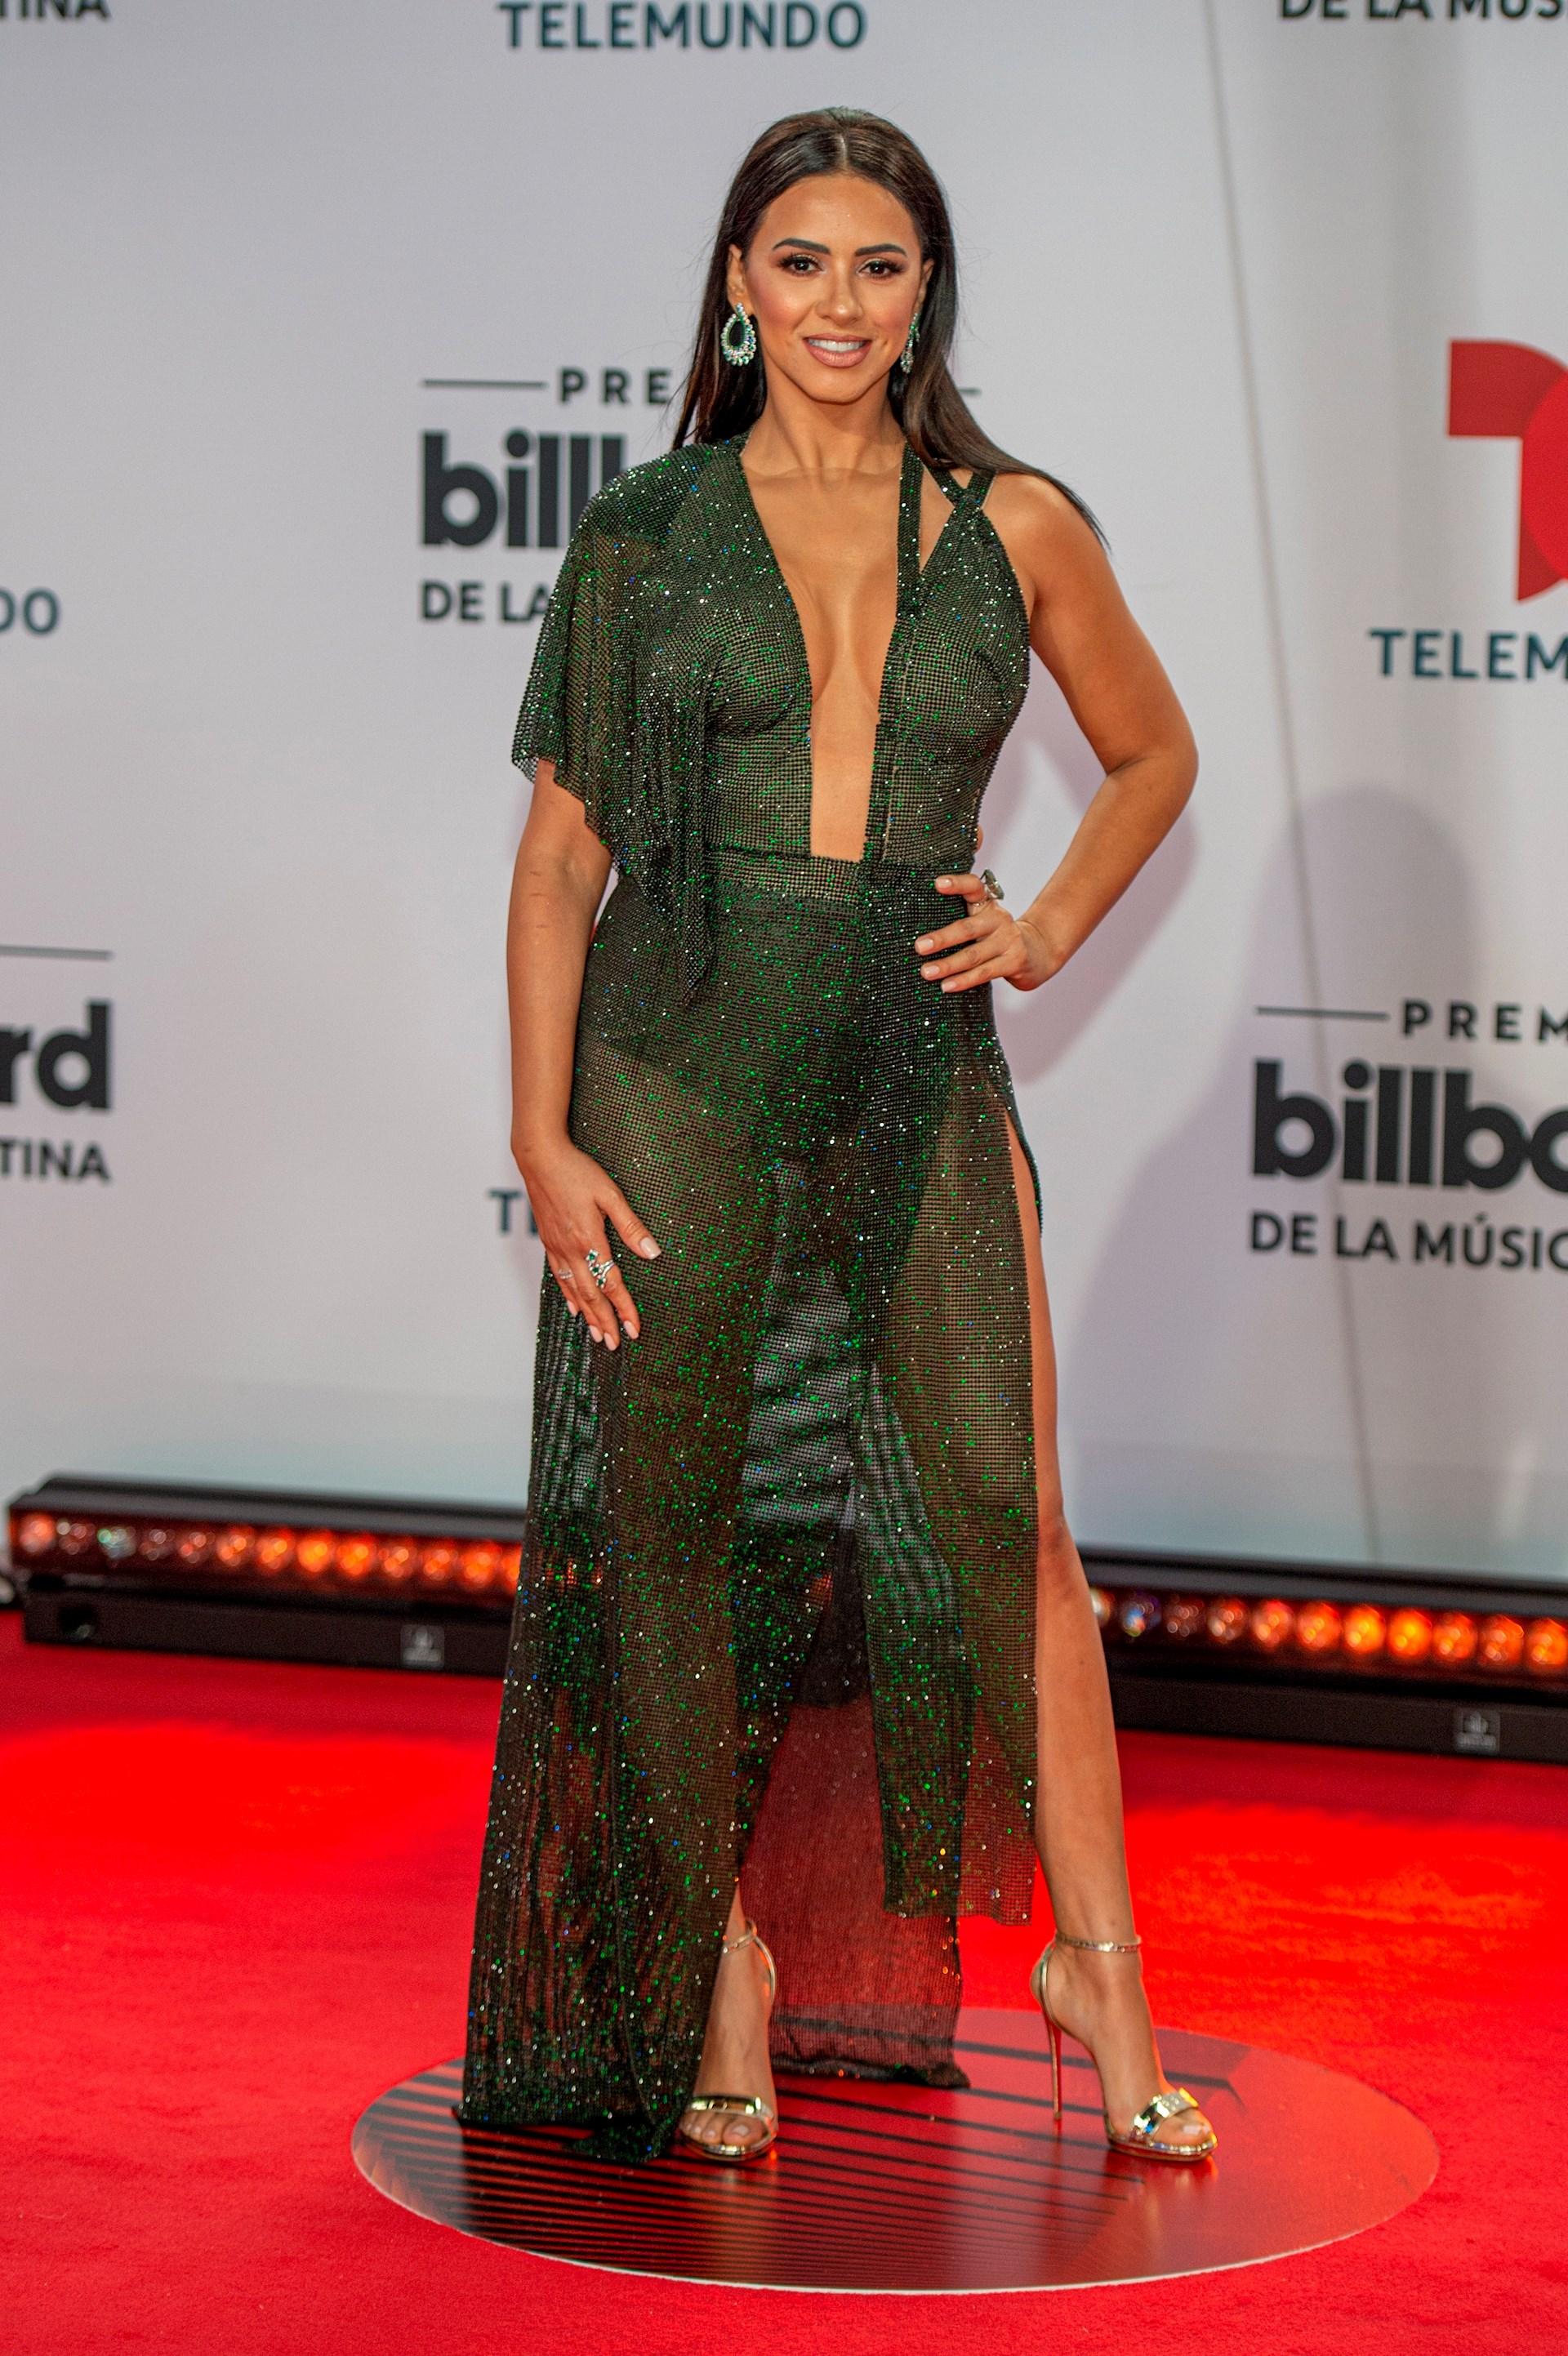 La presentadora hondureña Ana Jurka (Foto: EFE/Giorgio Viera)